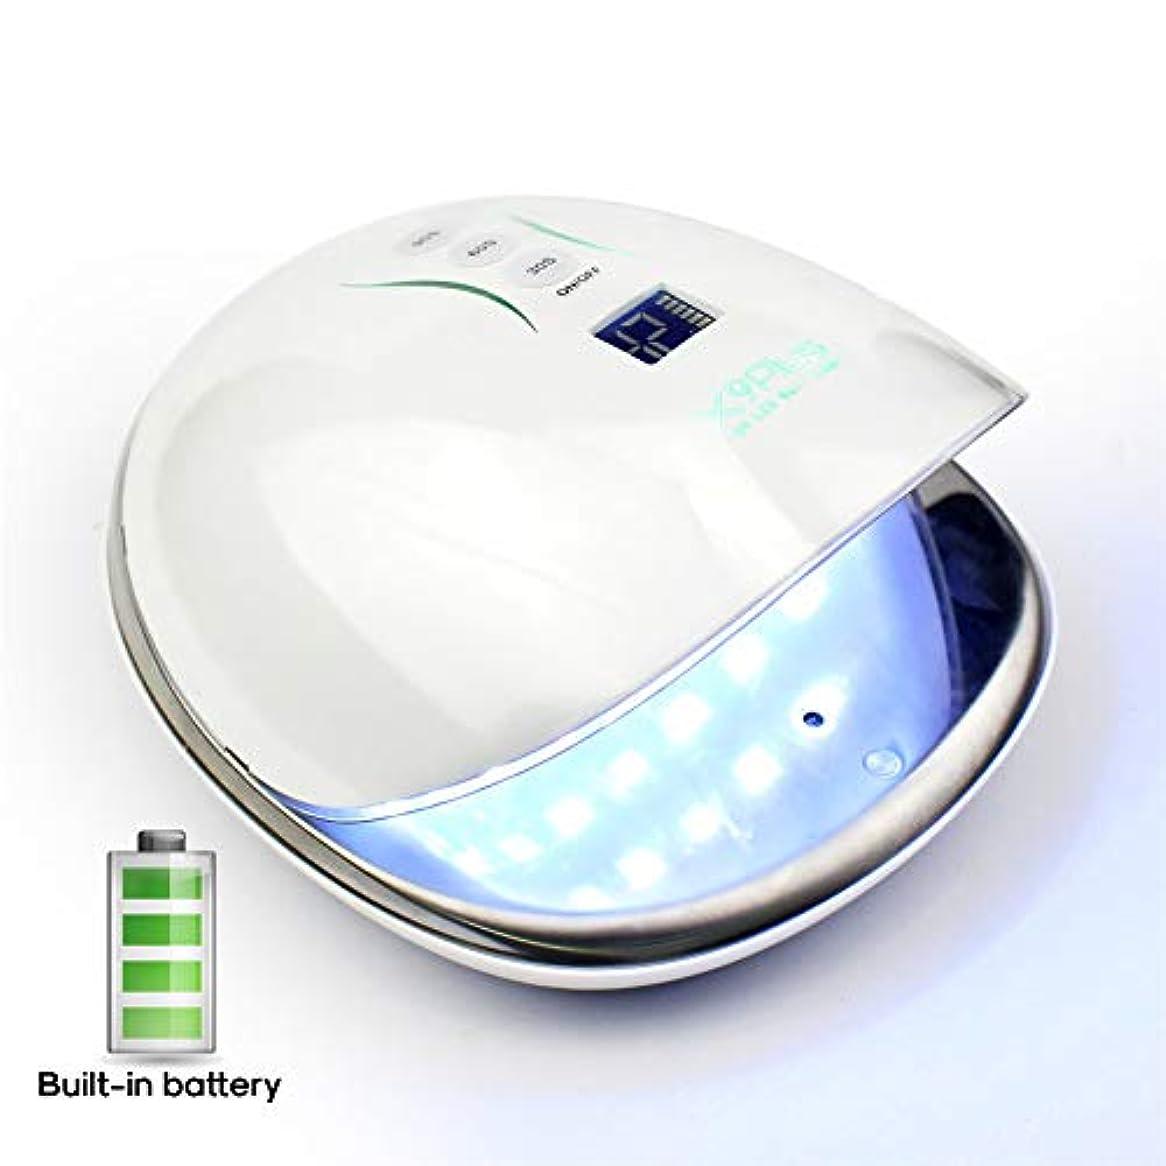 特徴づけるエスカレーターケーキネイルおよびジェルポリッシュランプ48ワットネイルドライヤー自動検知ポリッシュネイル乾燥剤高速硬化ジェルワニス用ランプ,白,Lithiumbattery